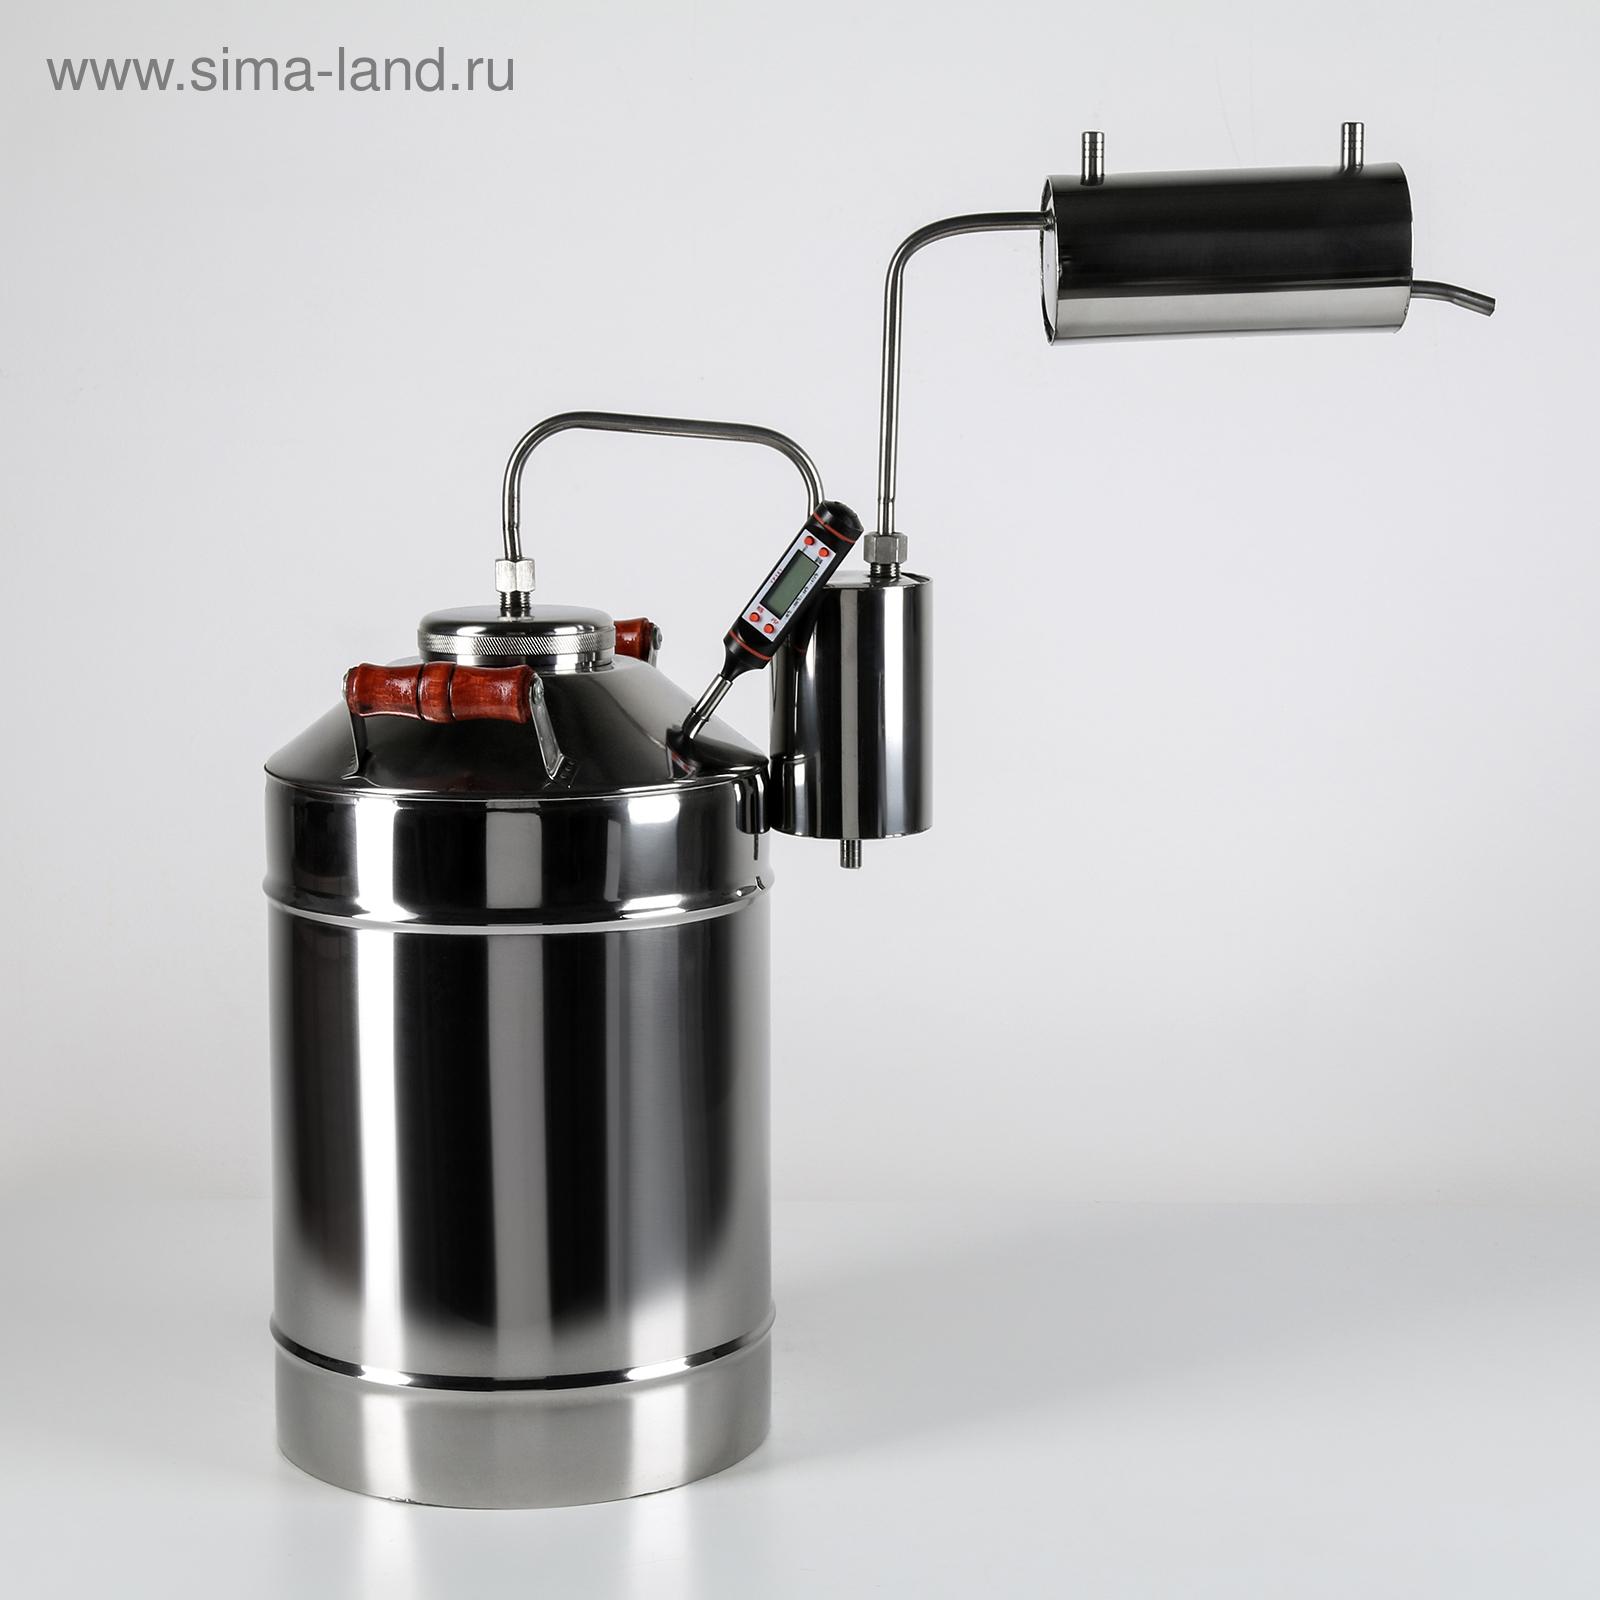 Инструкция по эксплуатации магарыч самогонные аппараты самогонный аппарат япония купить на алиэкспресс